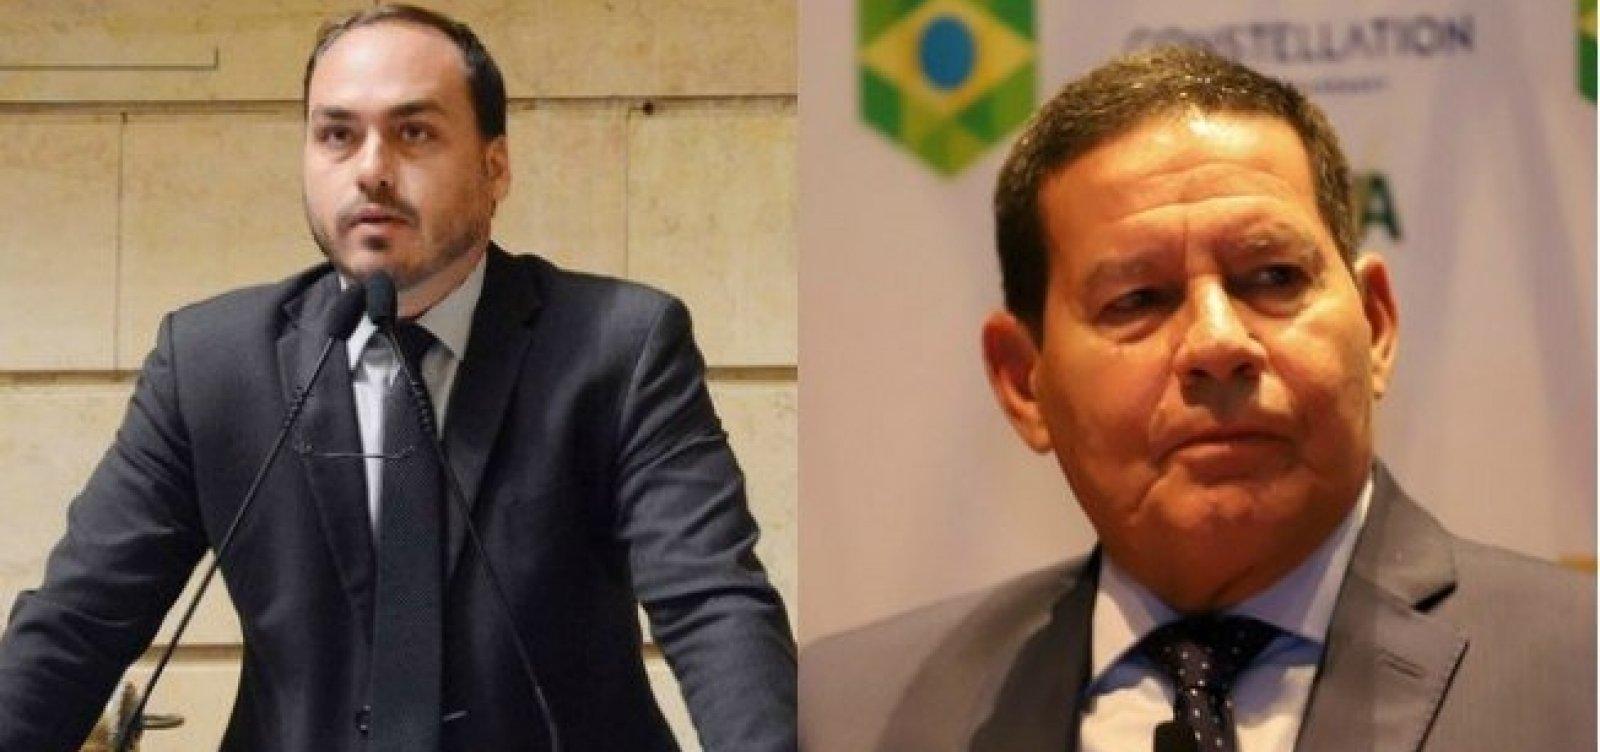 [Carlos Bolsonaro ignora 'ponto final' indicado pelo pai e volta a atacar Mourão]